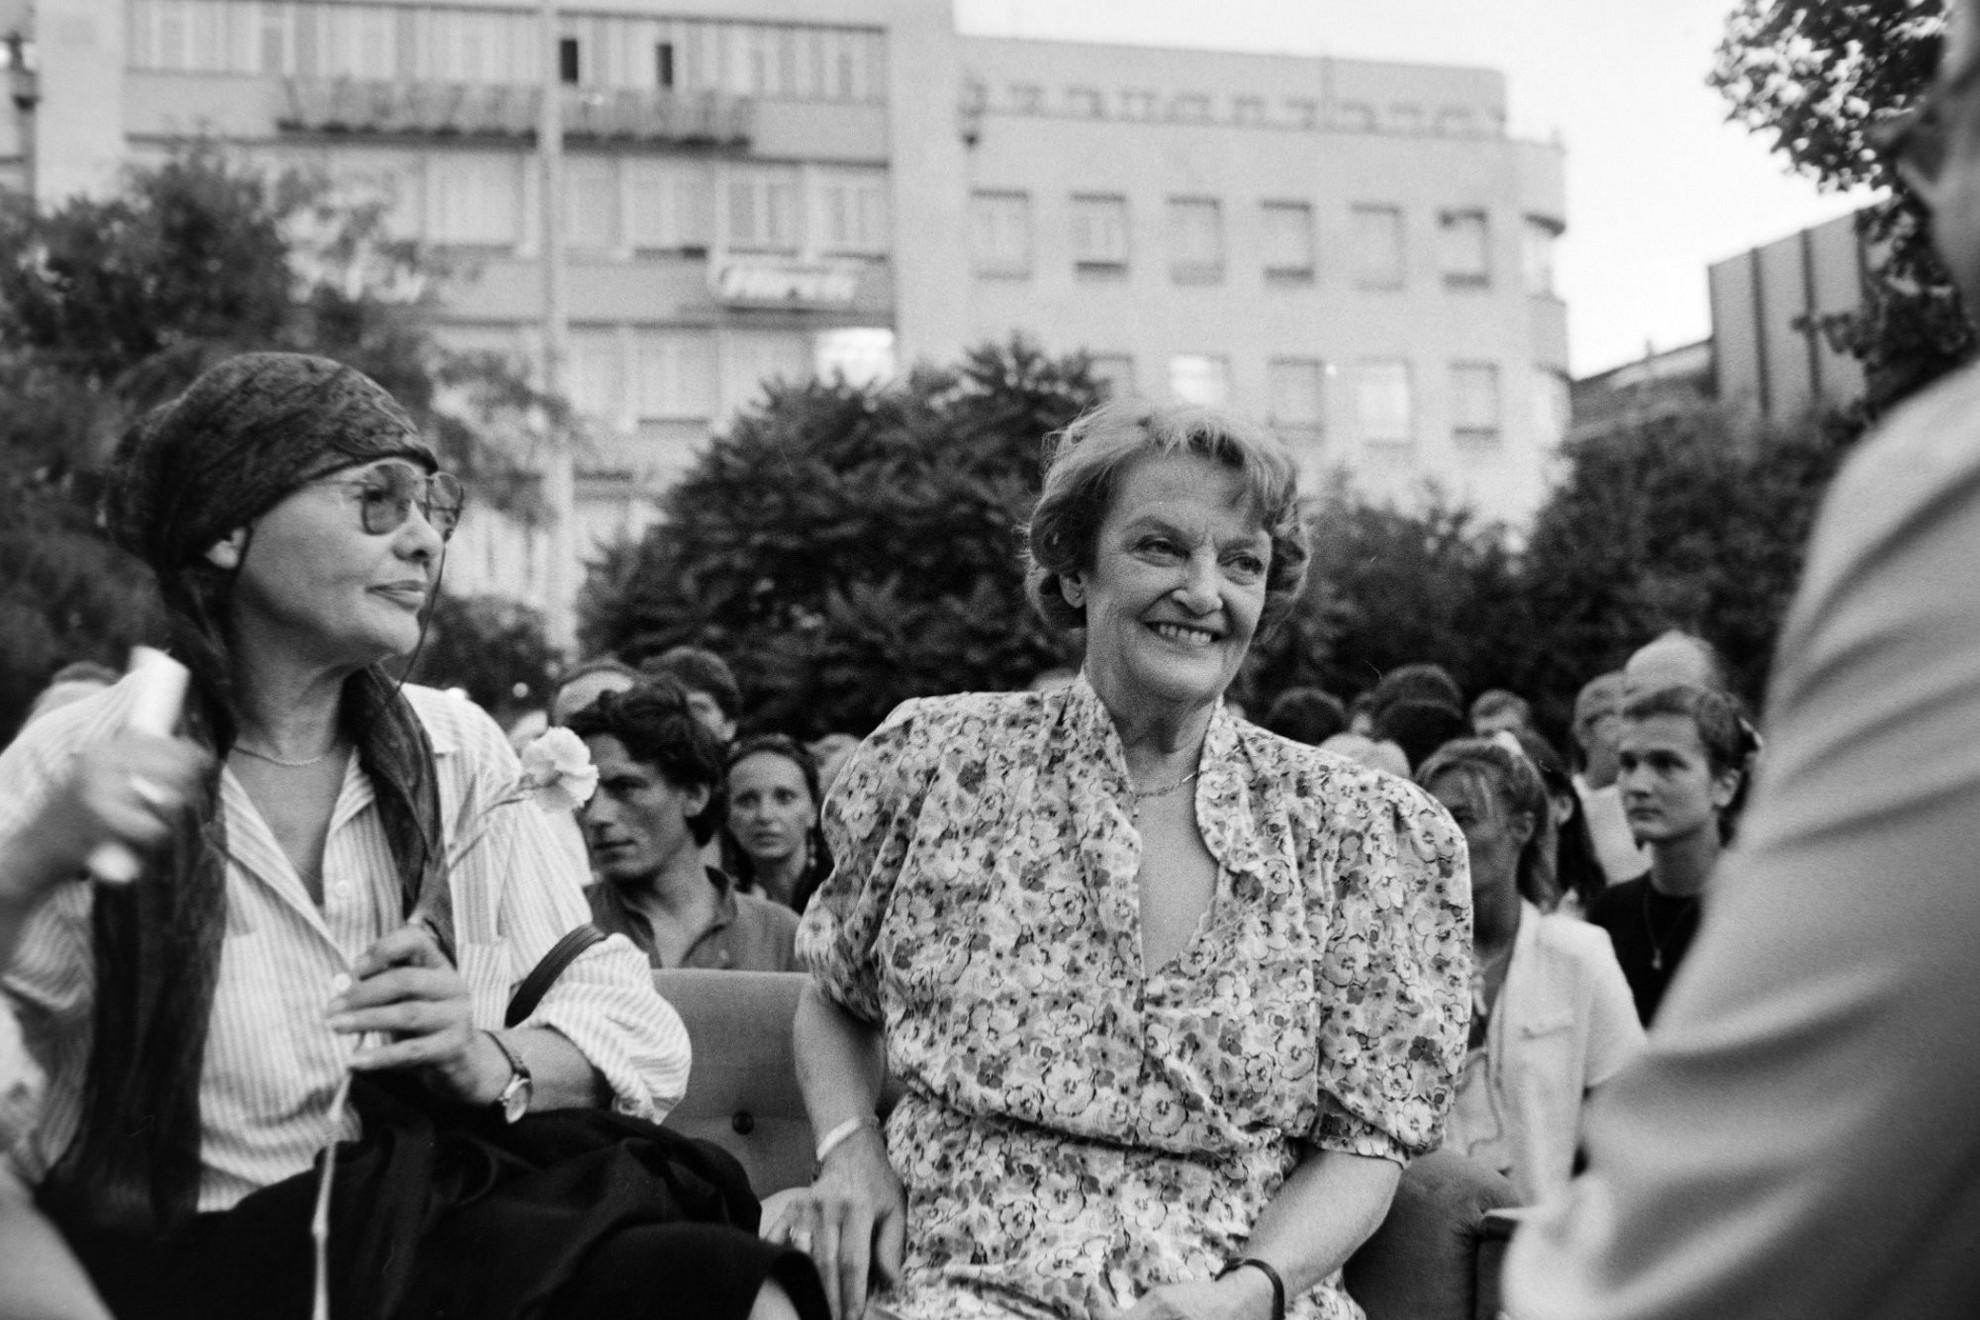 A Blaha Lujza tértől a Várba vonult a színészek fáklyás menetet tartottak a magyar színház megalakulásának 200. évfordulójára rendezett színészkarneválon, 1990-ben, a kép előterében Törőcsik Mari és Tolnay Klári színművésznők